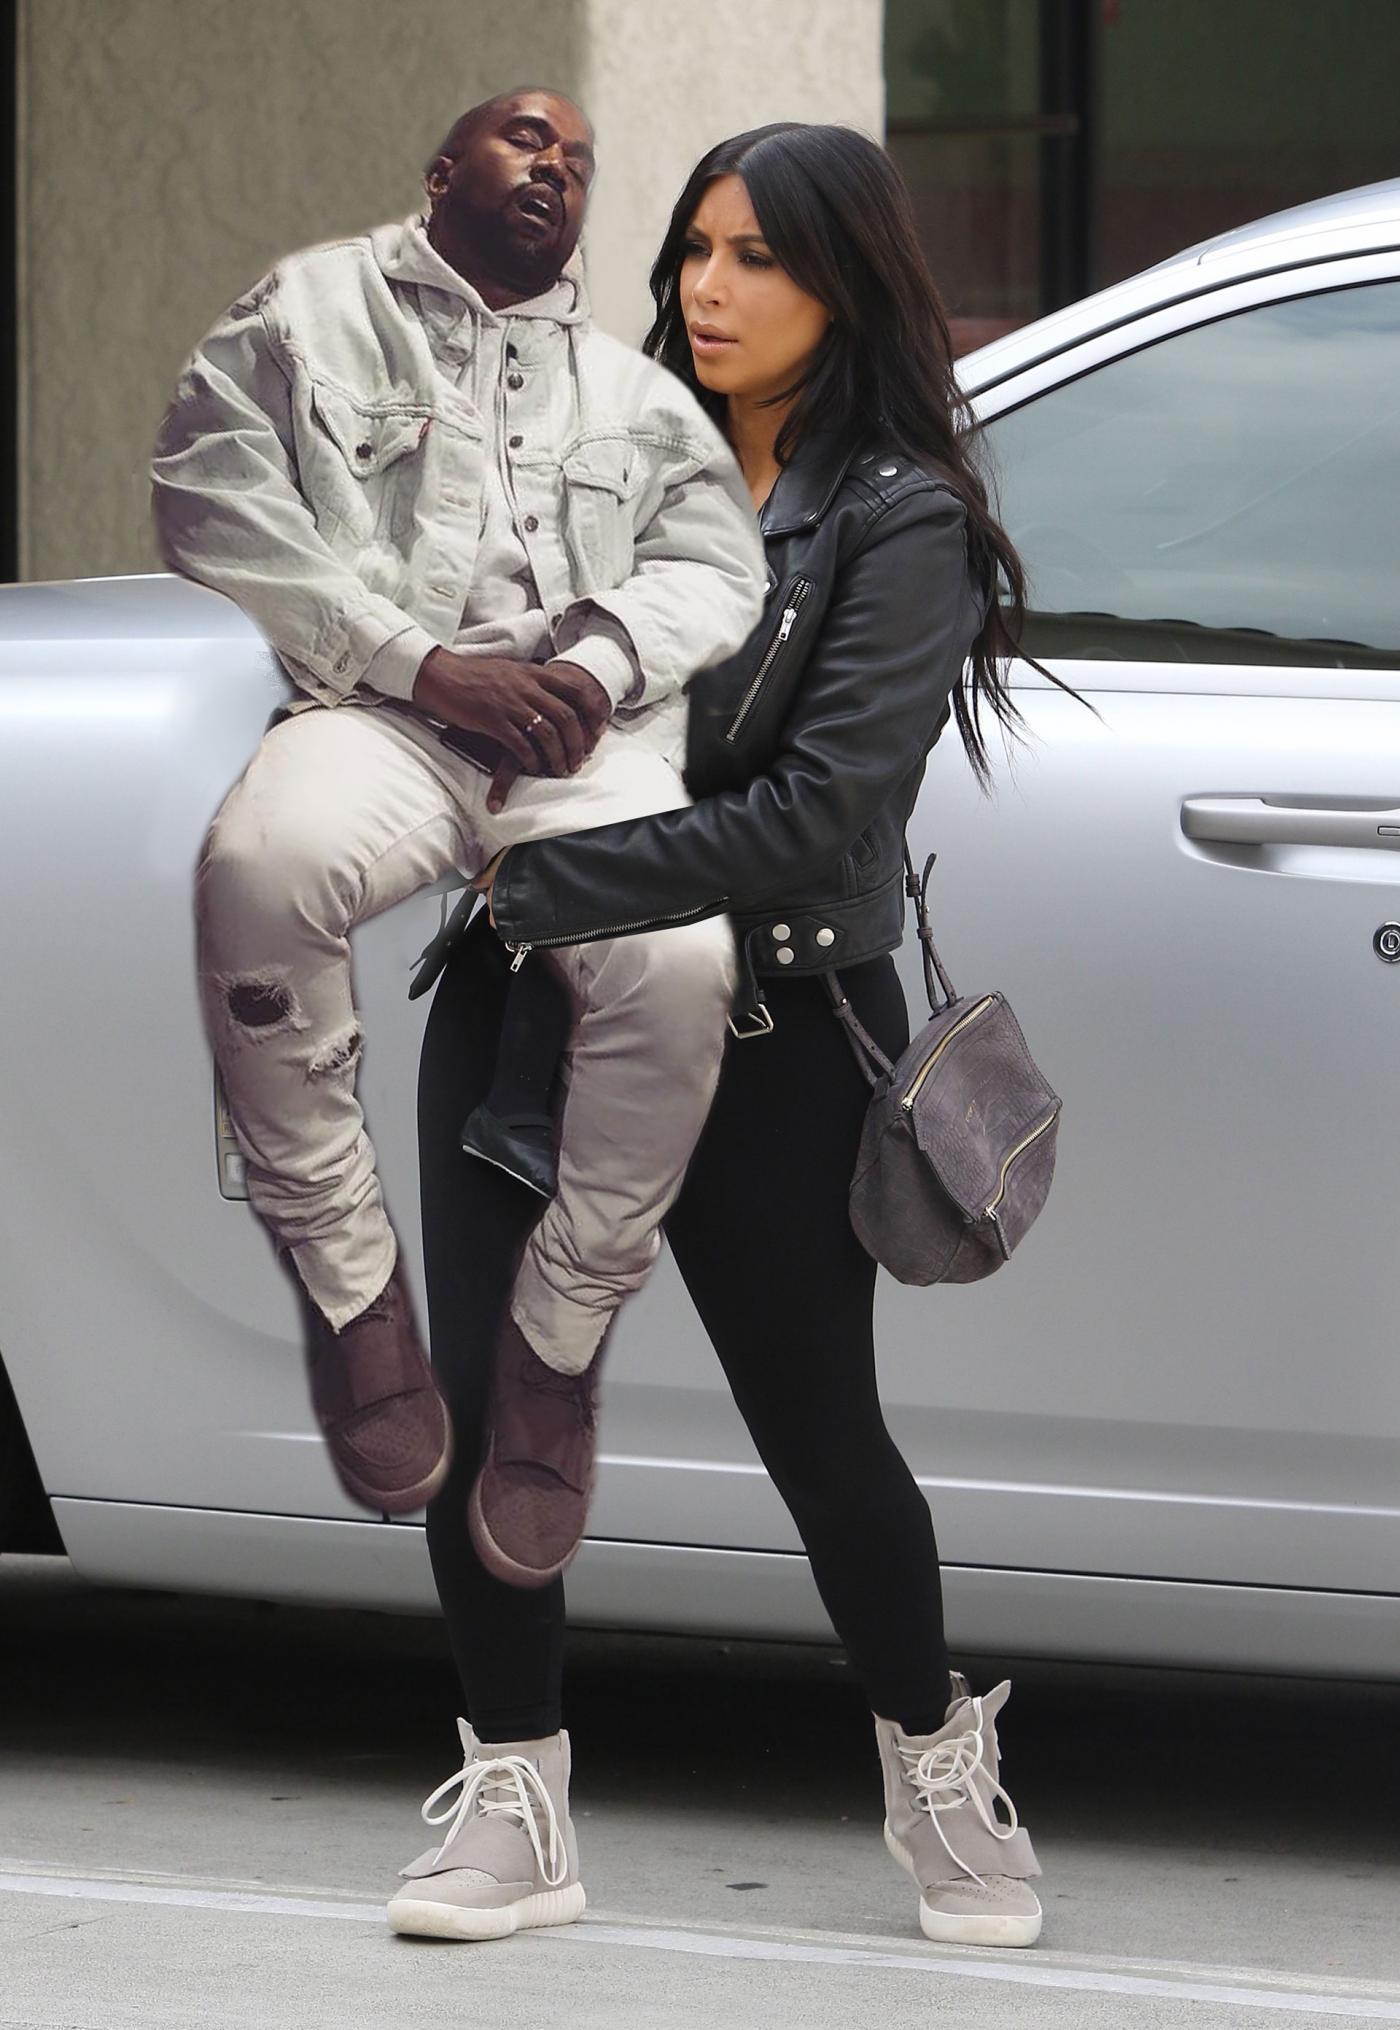 Kanye West usnął w galerii handlowej – memy